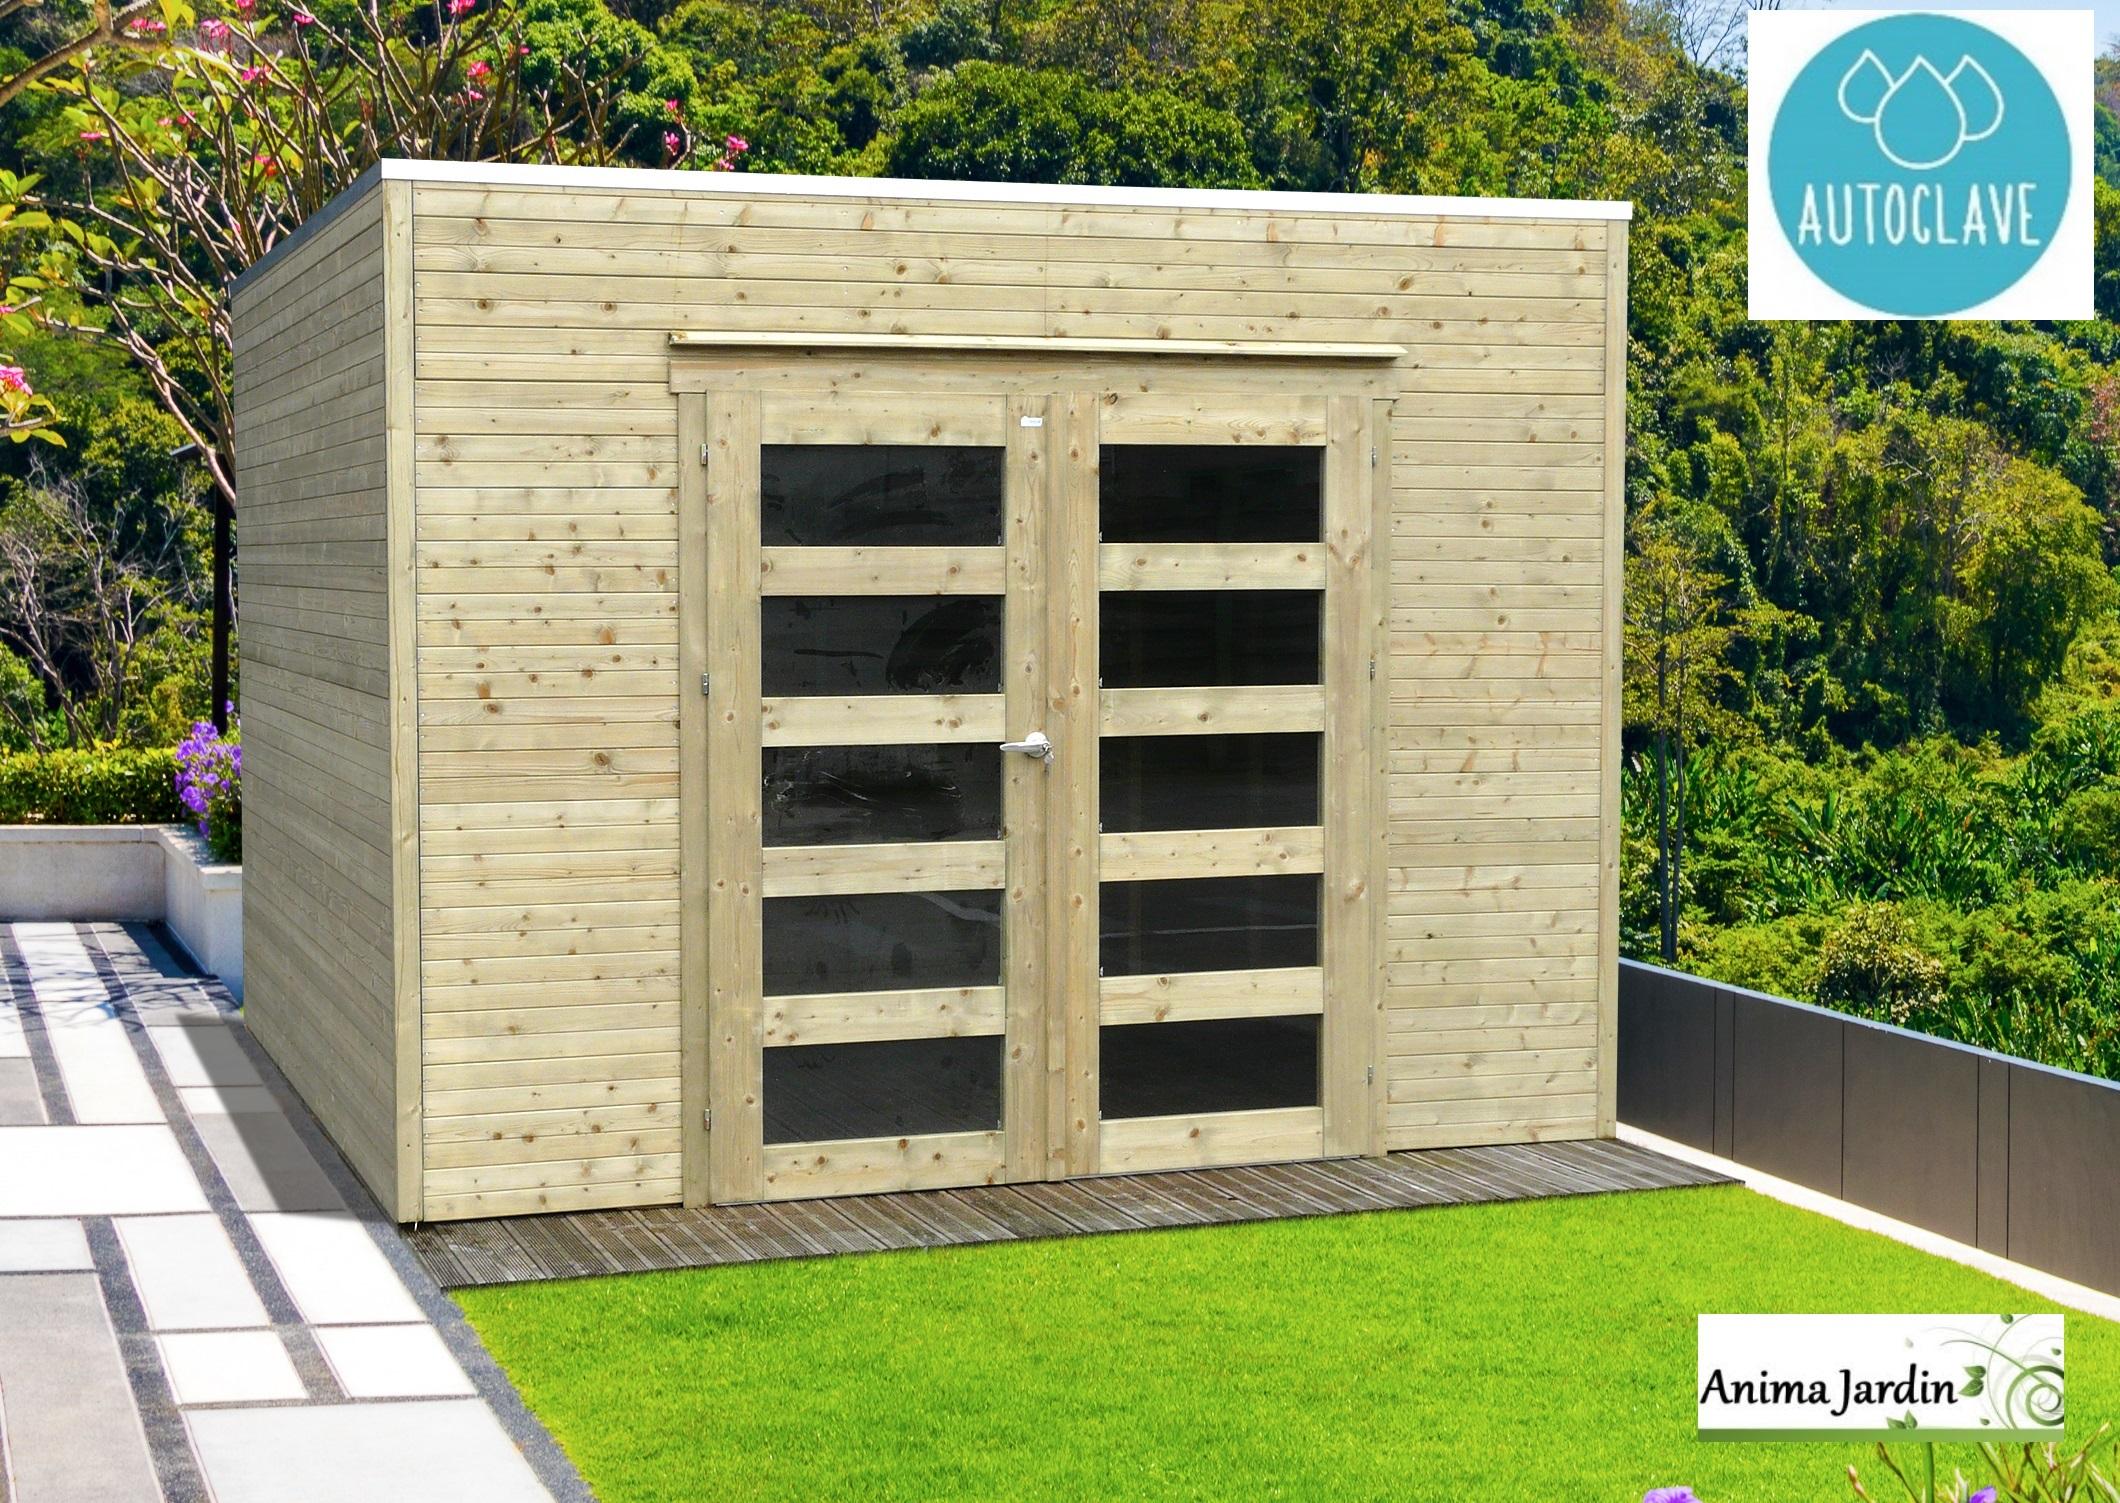 Grande Cabane De Jardin Pas Cher abri de jardin en bois autoclave 19mm, bari, 8m², toit plat